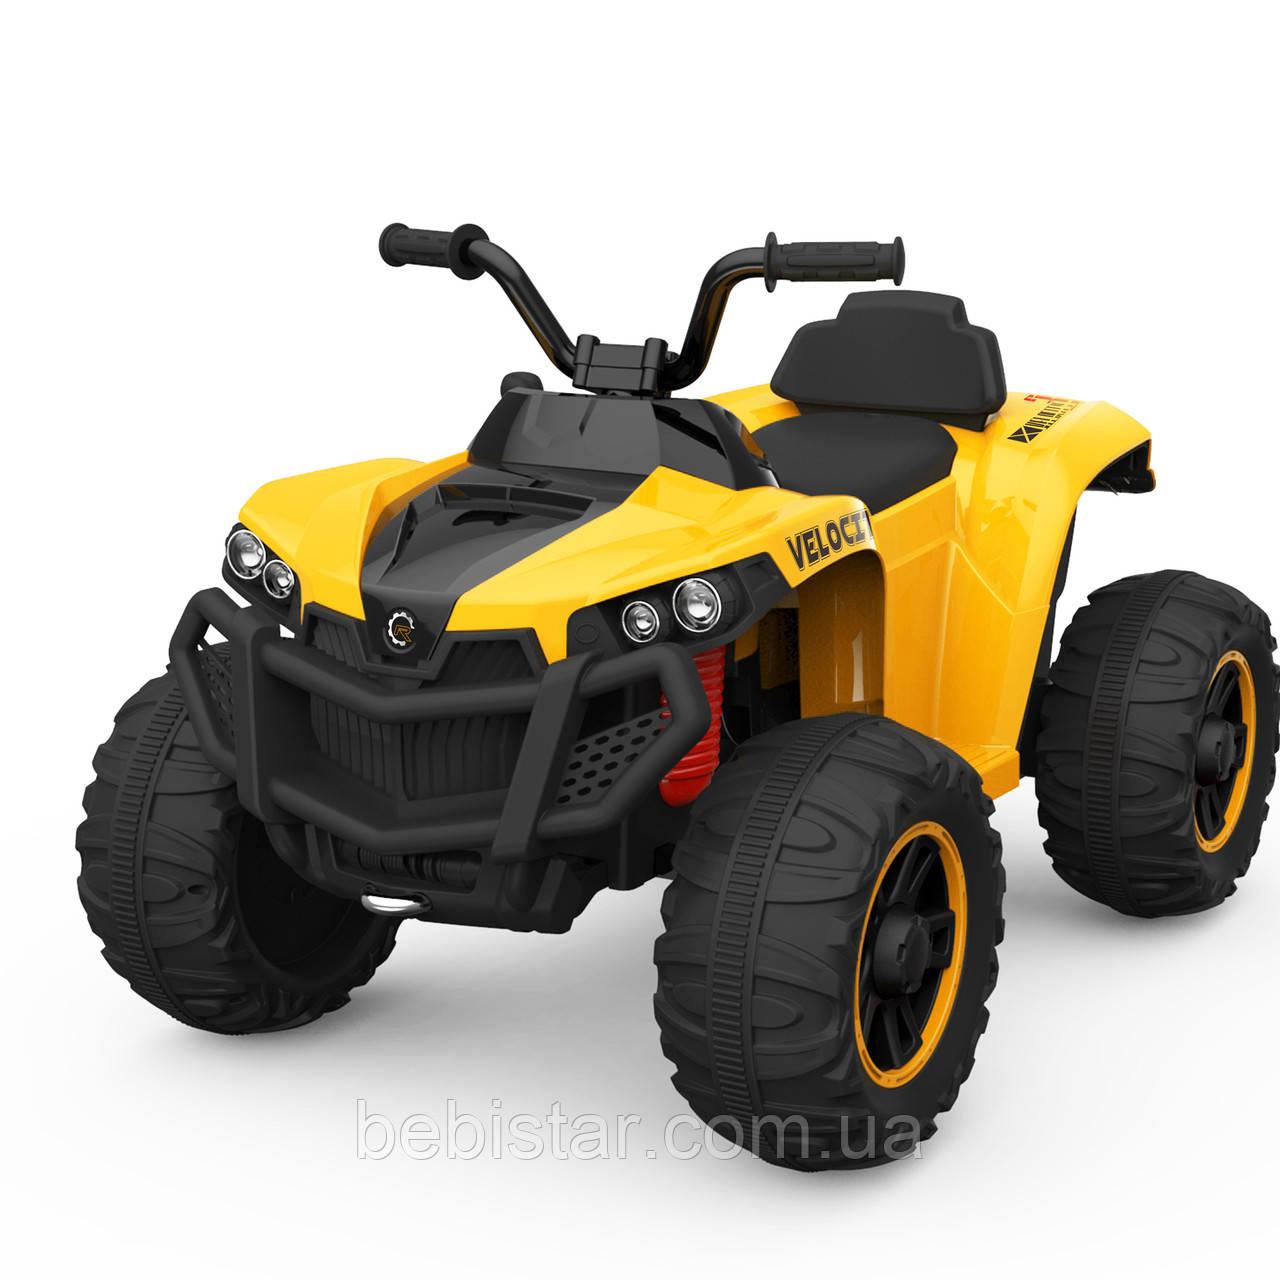 Детский электромобиль-квадроцикл желтый T-738 EVA YELLOW для деток 3-8 лет мотор 2*15W аккумулятор 6V7AH